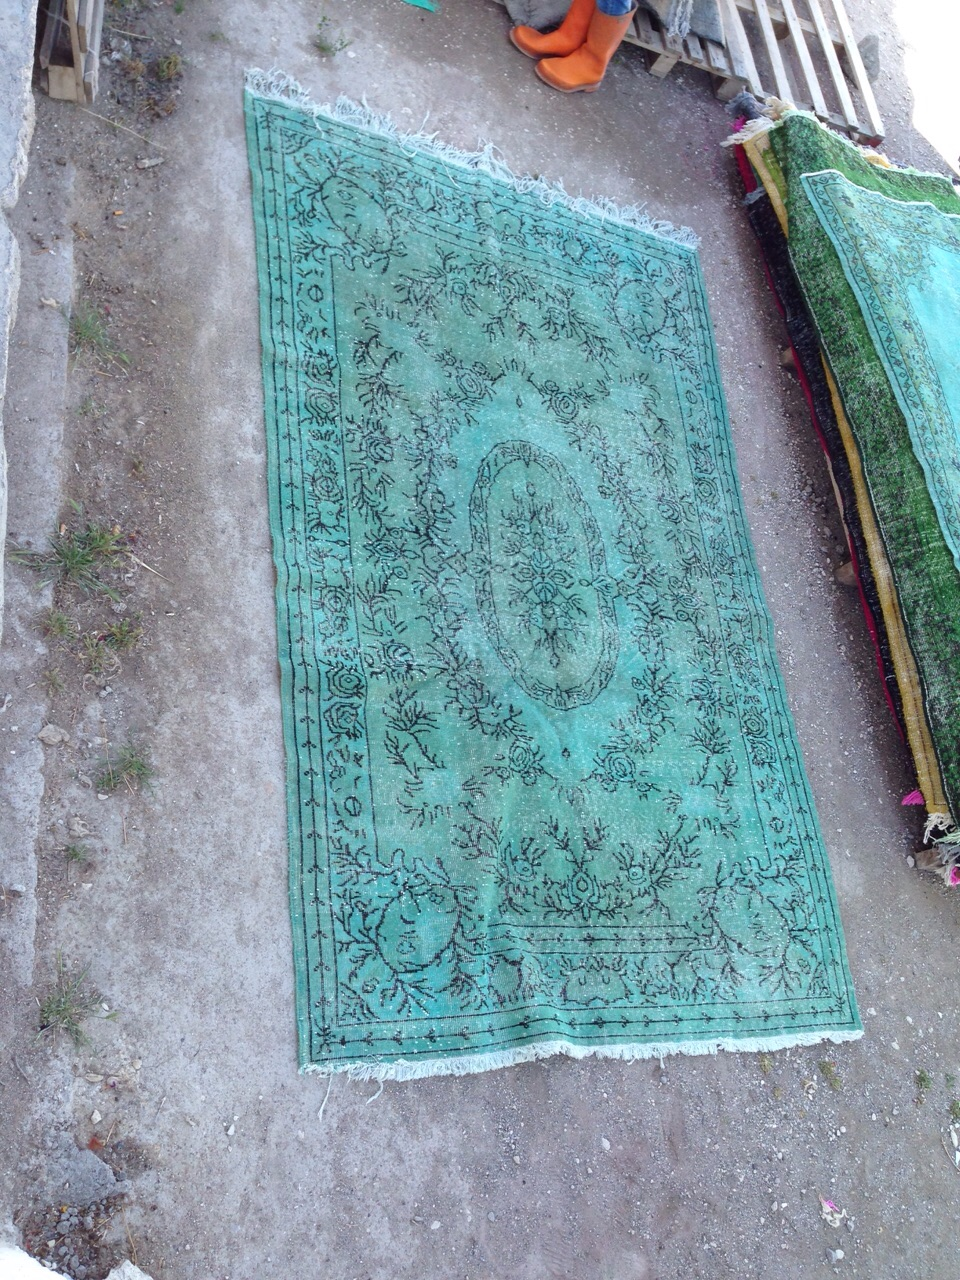 NIEUW INGEKOCHT  zeegroen vintage vloerkleed  uit Turkije 281cm x 195cm, no 2799